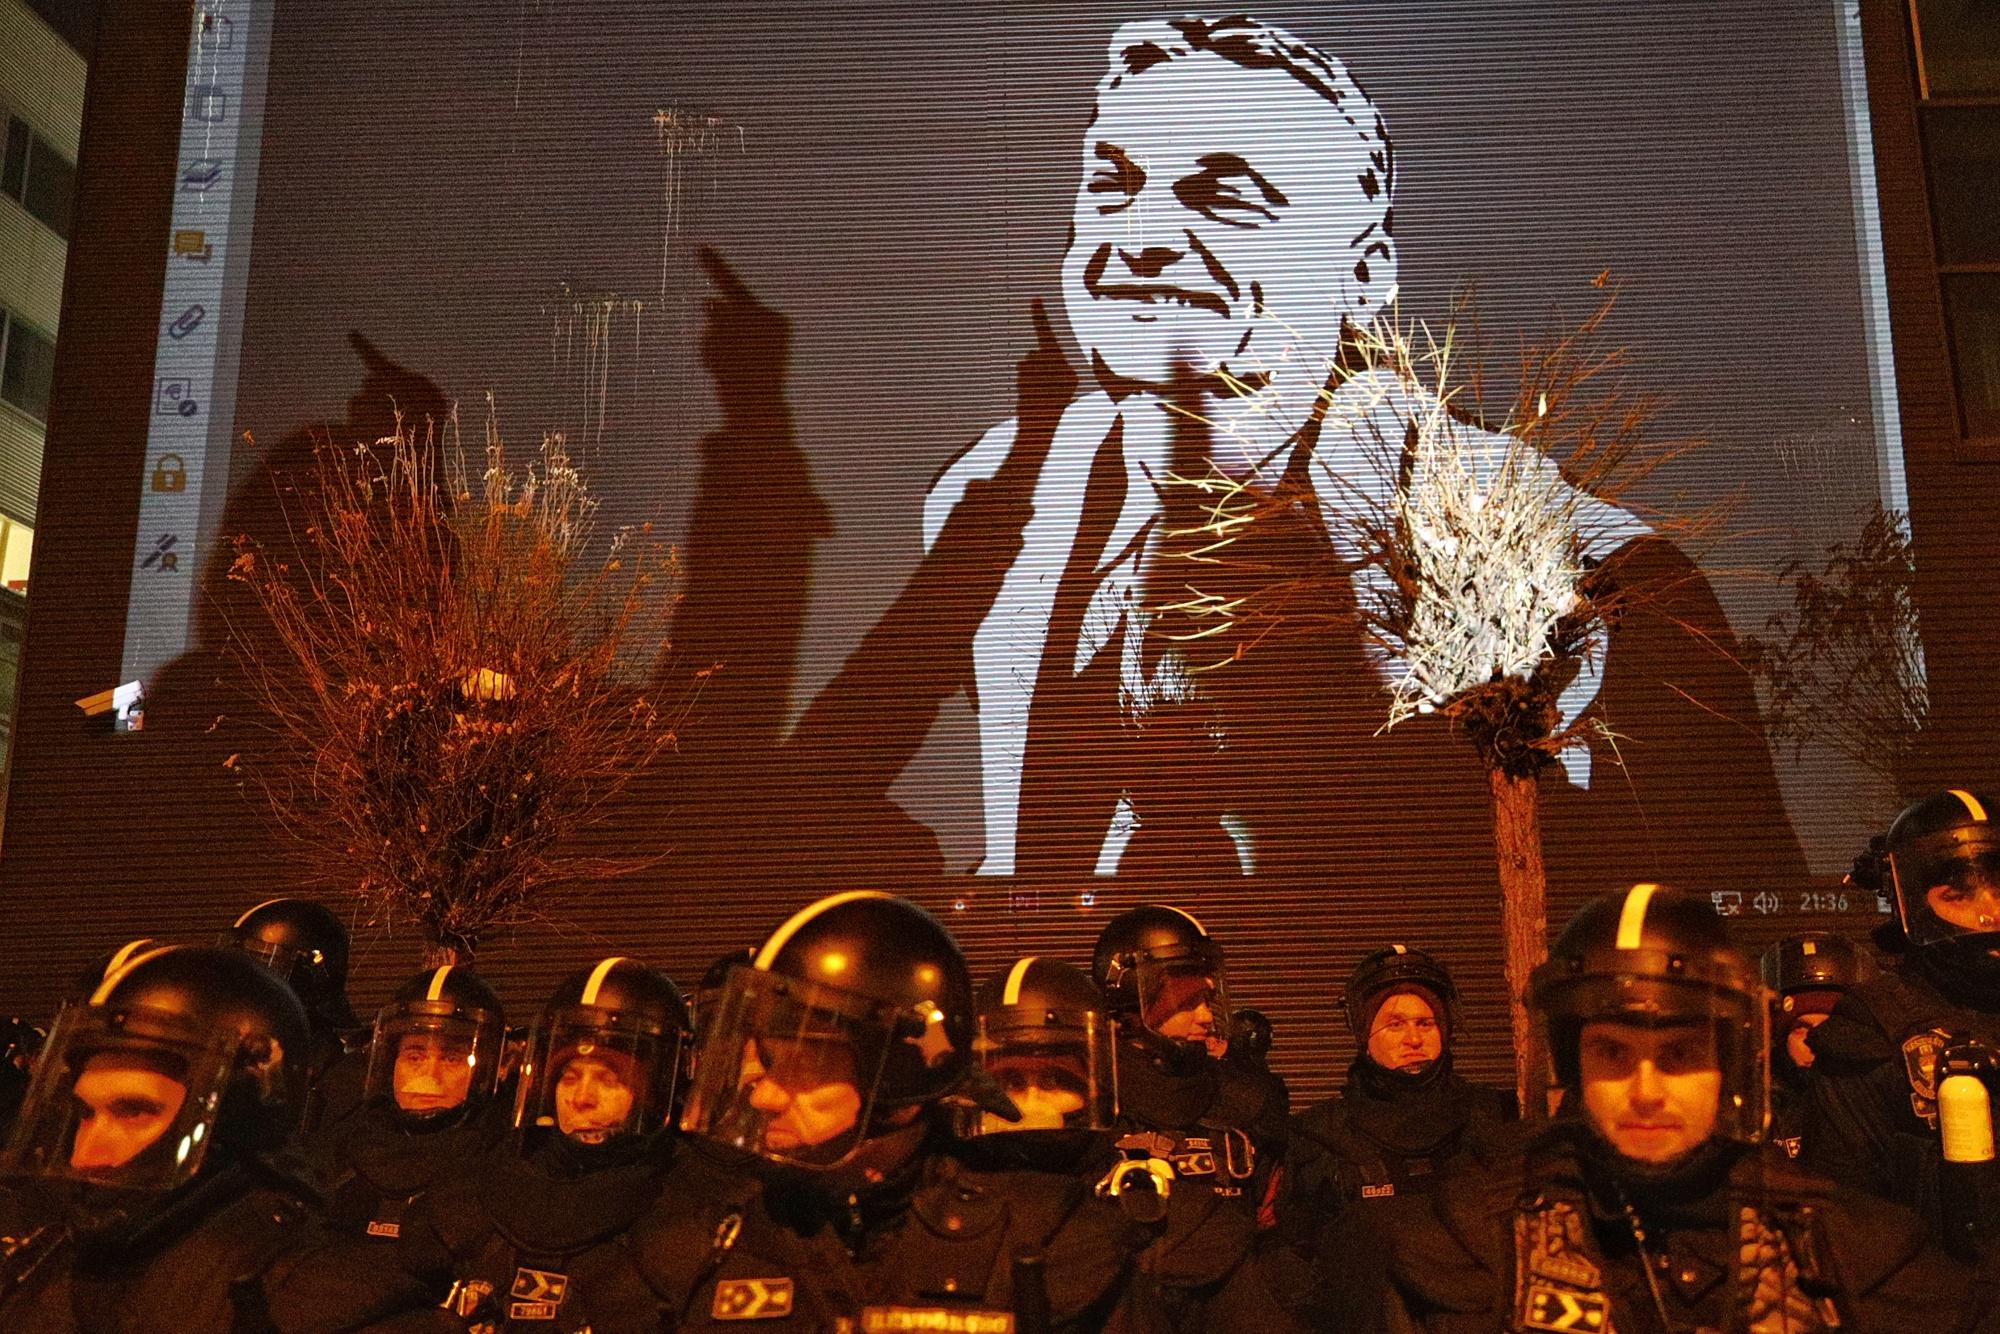 A közmédia kész fegyveres őrökkel megvédeni magát attól, hogy ellenzéki politikusok elmondják náluk a véleményüket